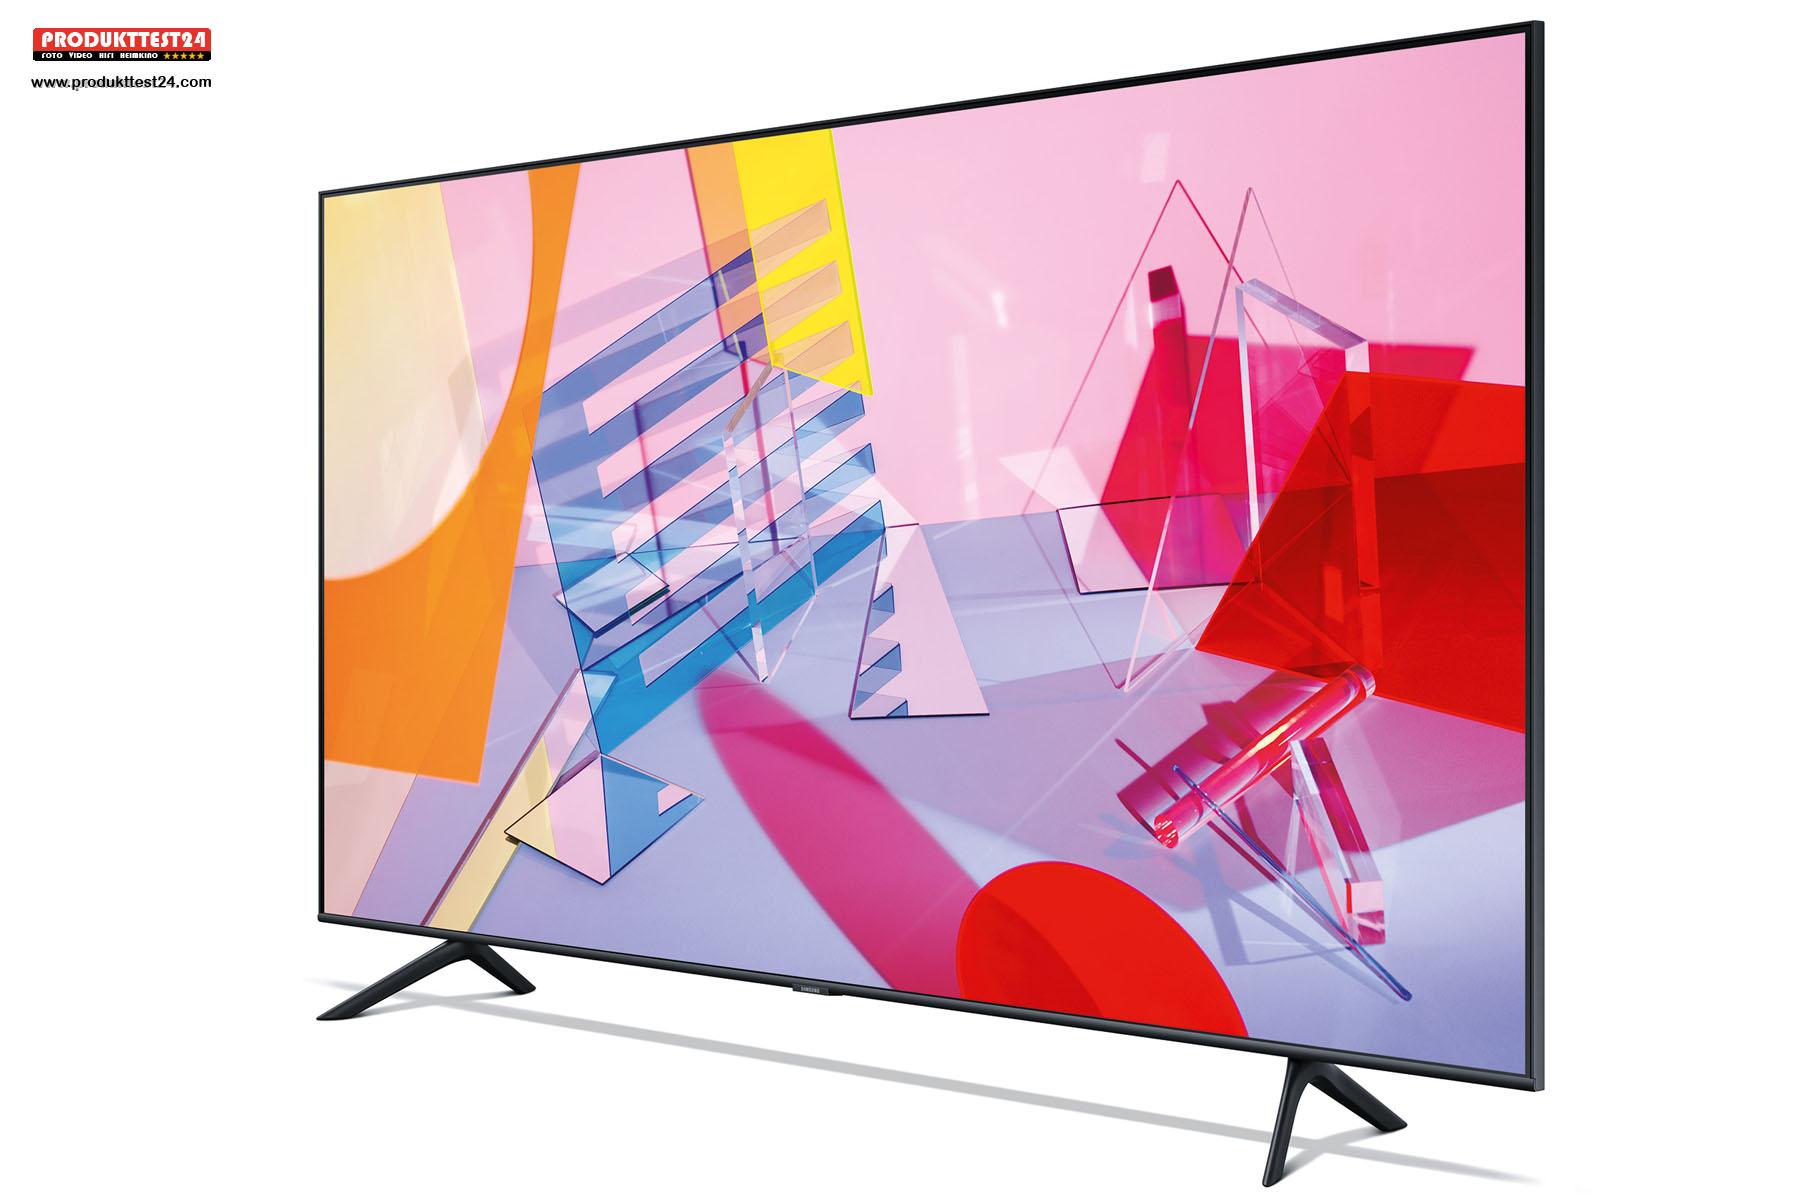 Der Samsung QLED 4K Fernseher GQ55Q60T